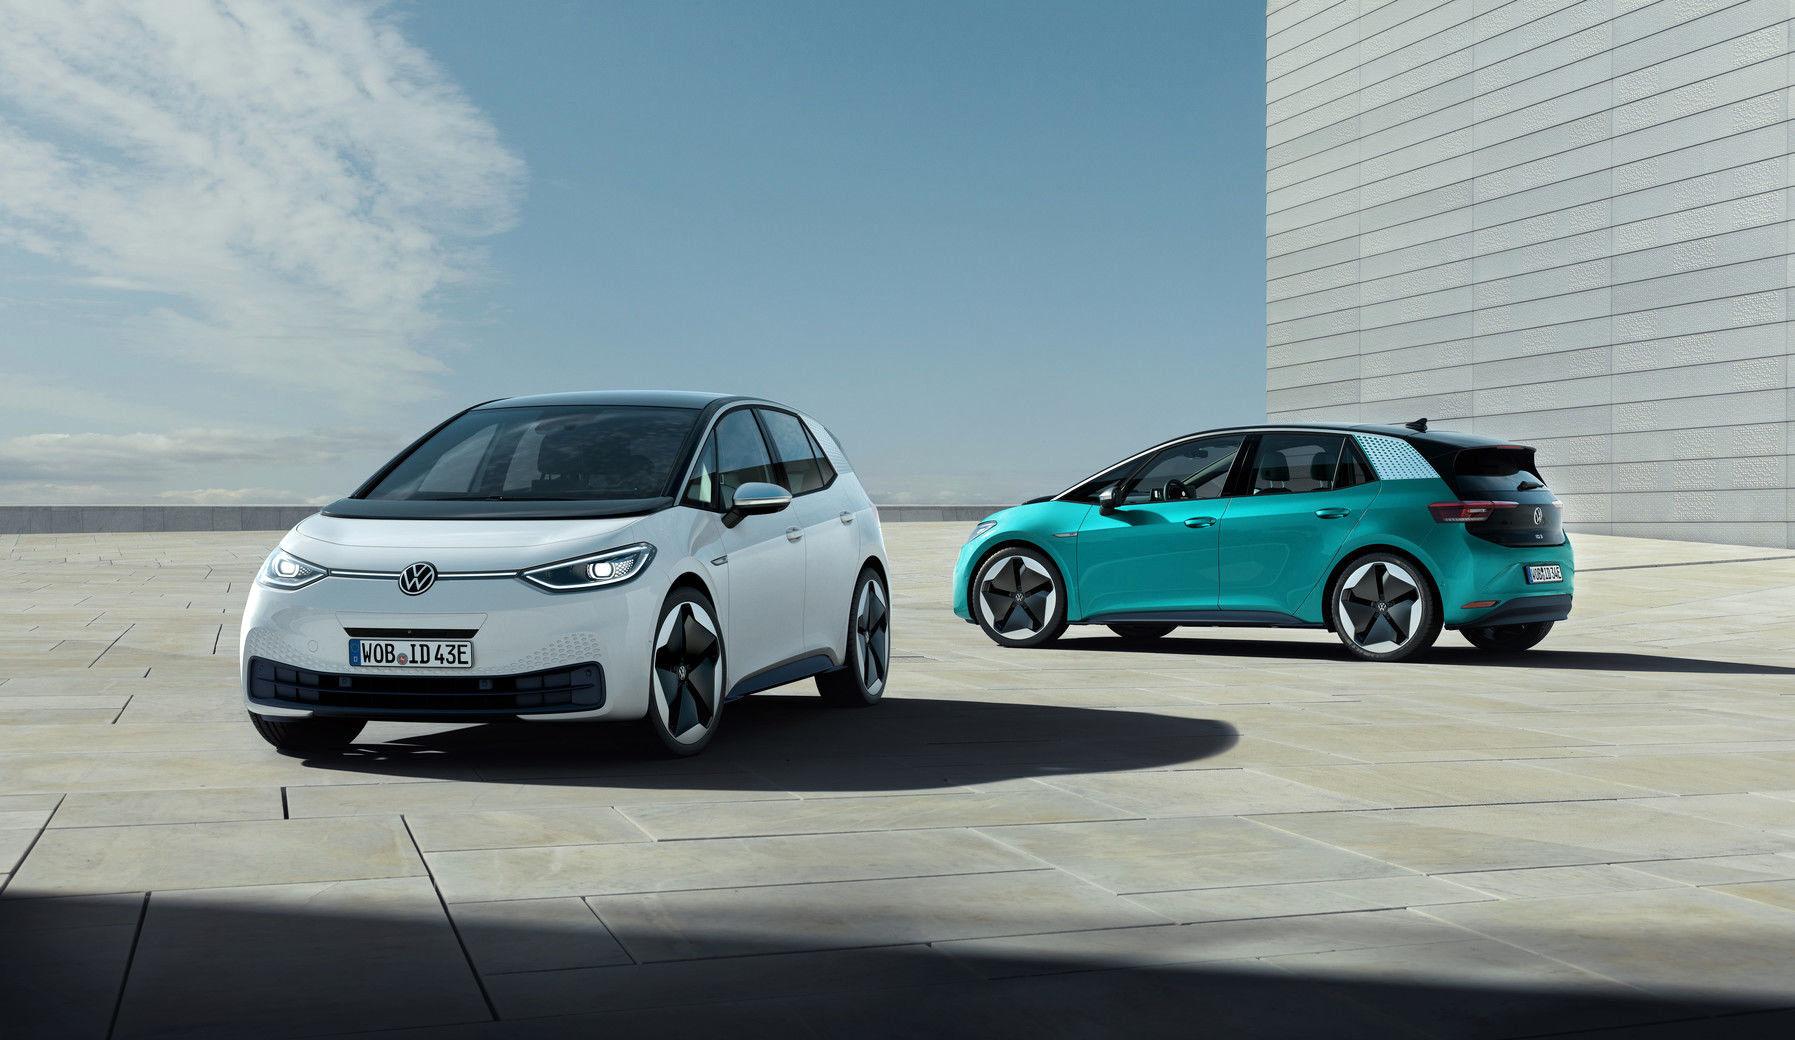 تولید 1.5 میلیون خودروی الکتریکی فولکس واگن تا سال 2025